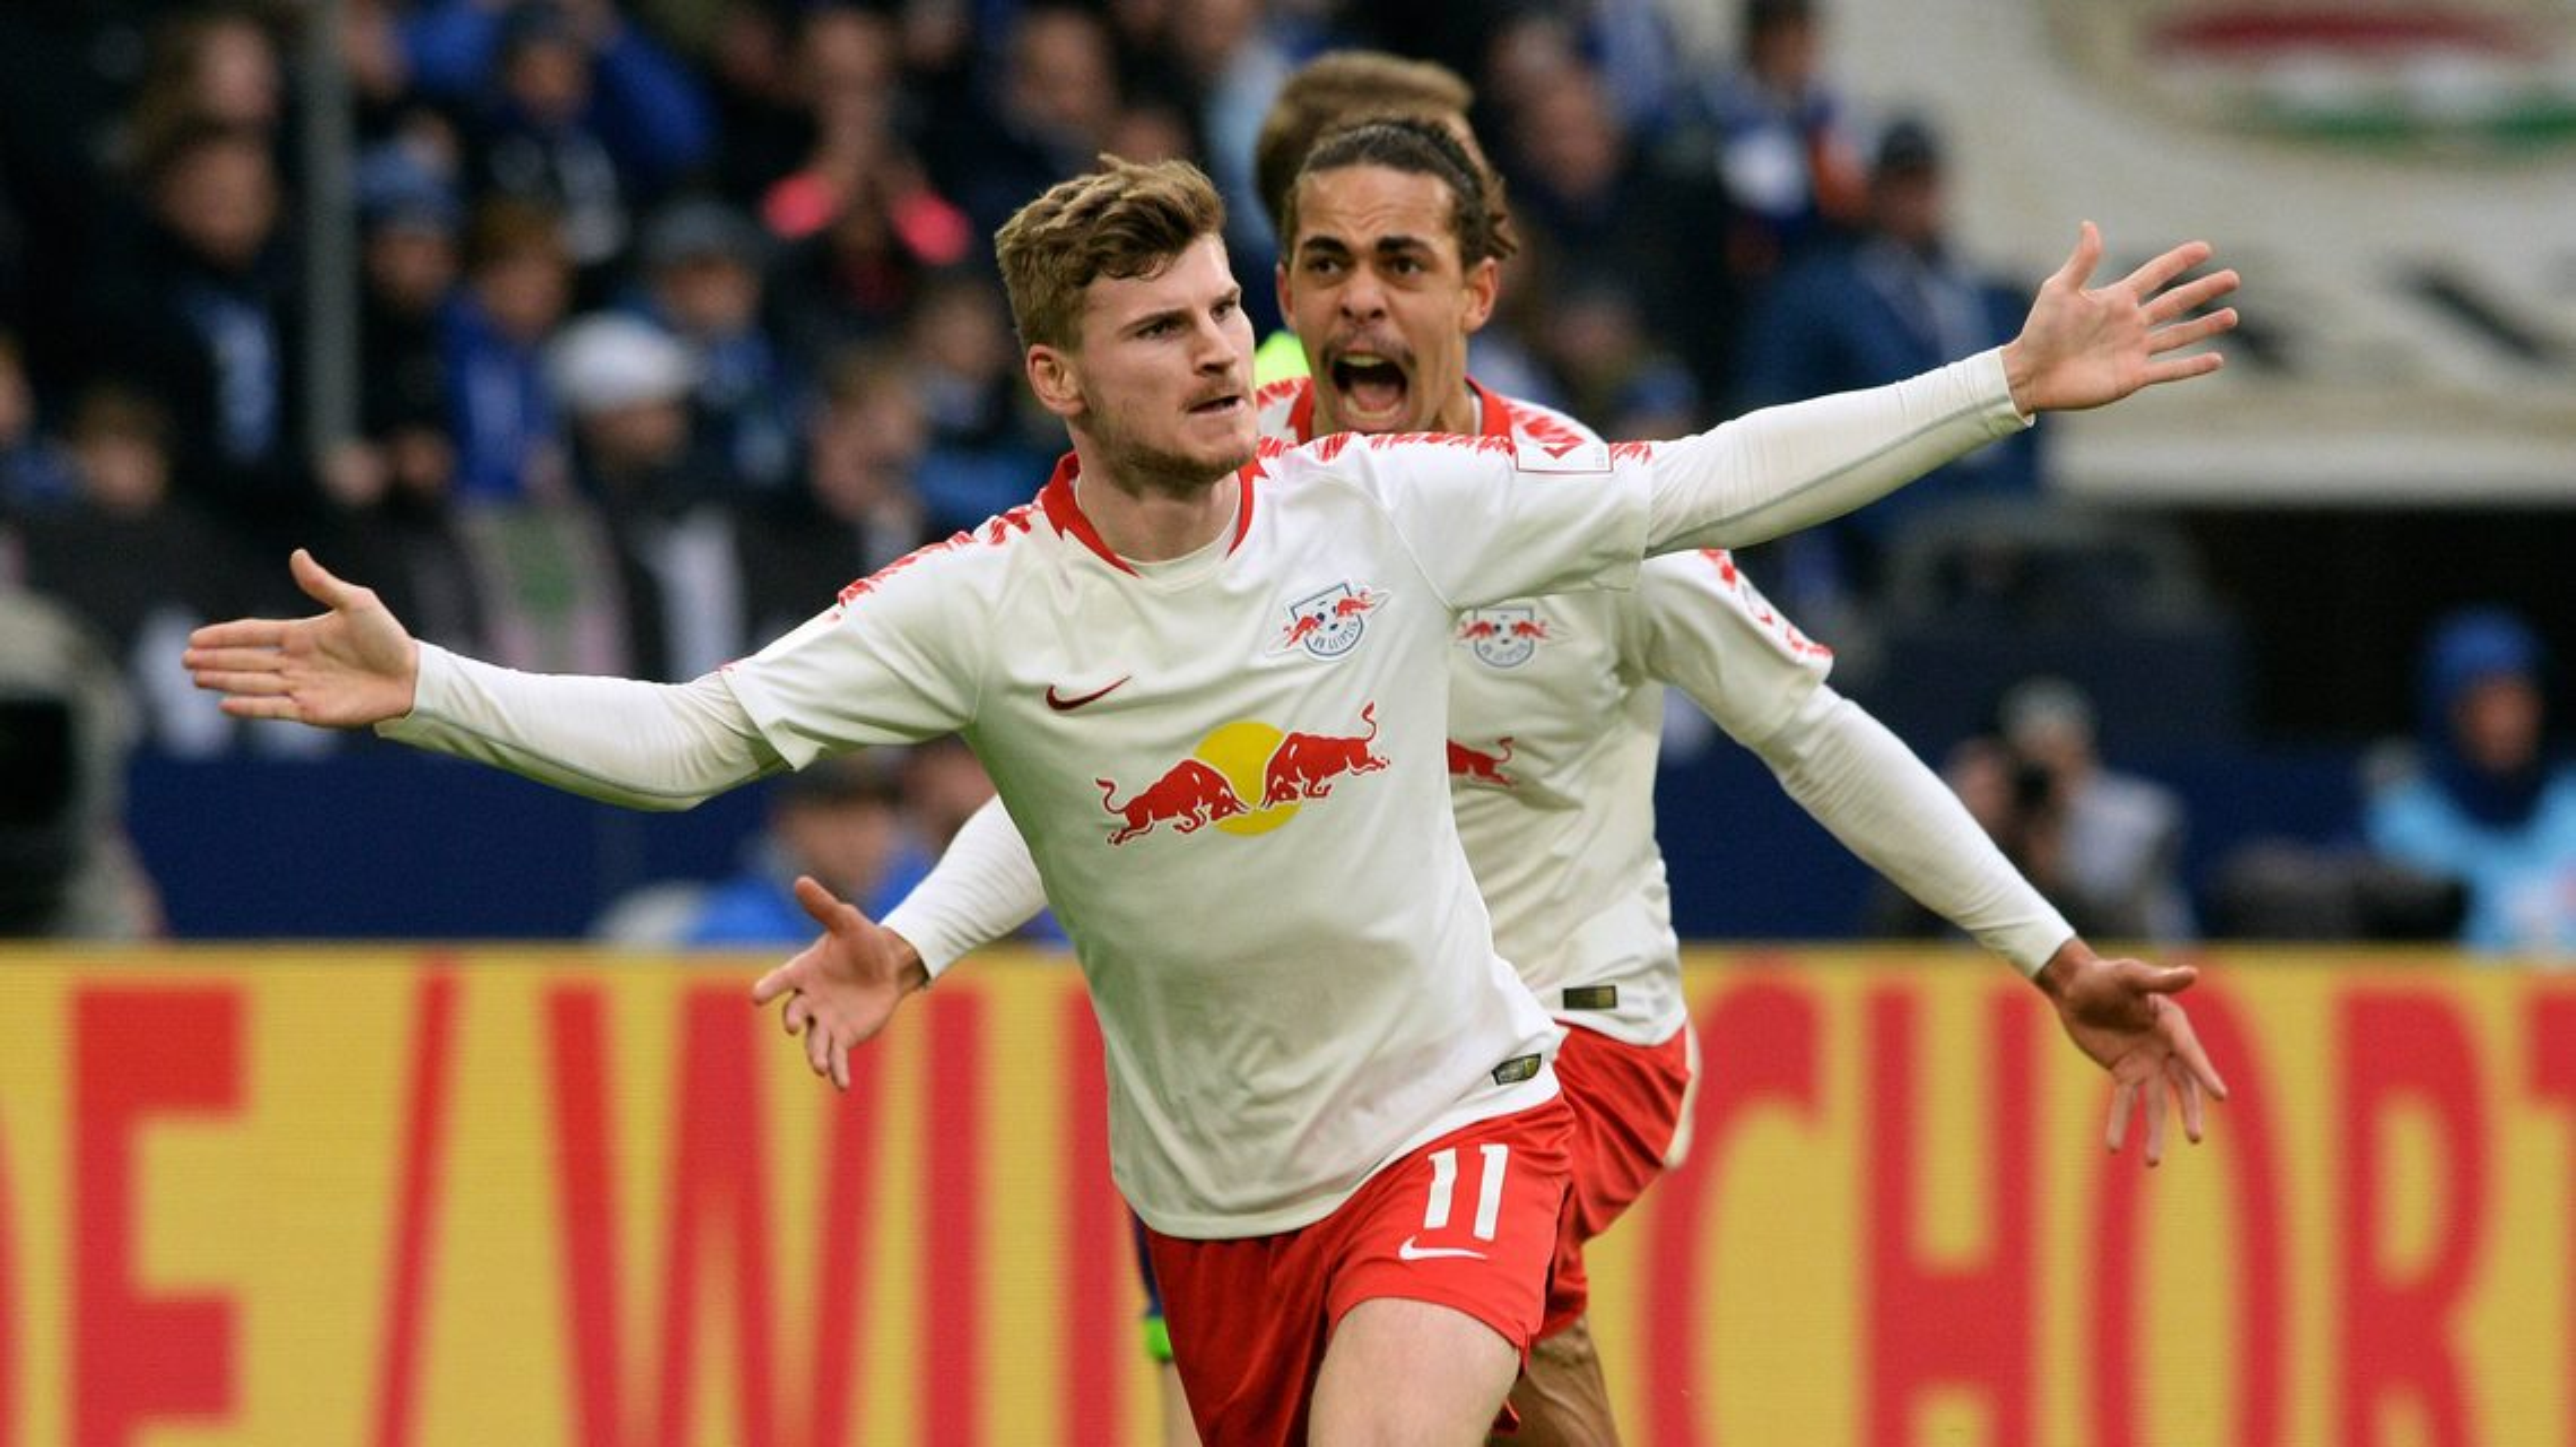 Del Bundesliga